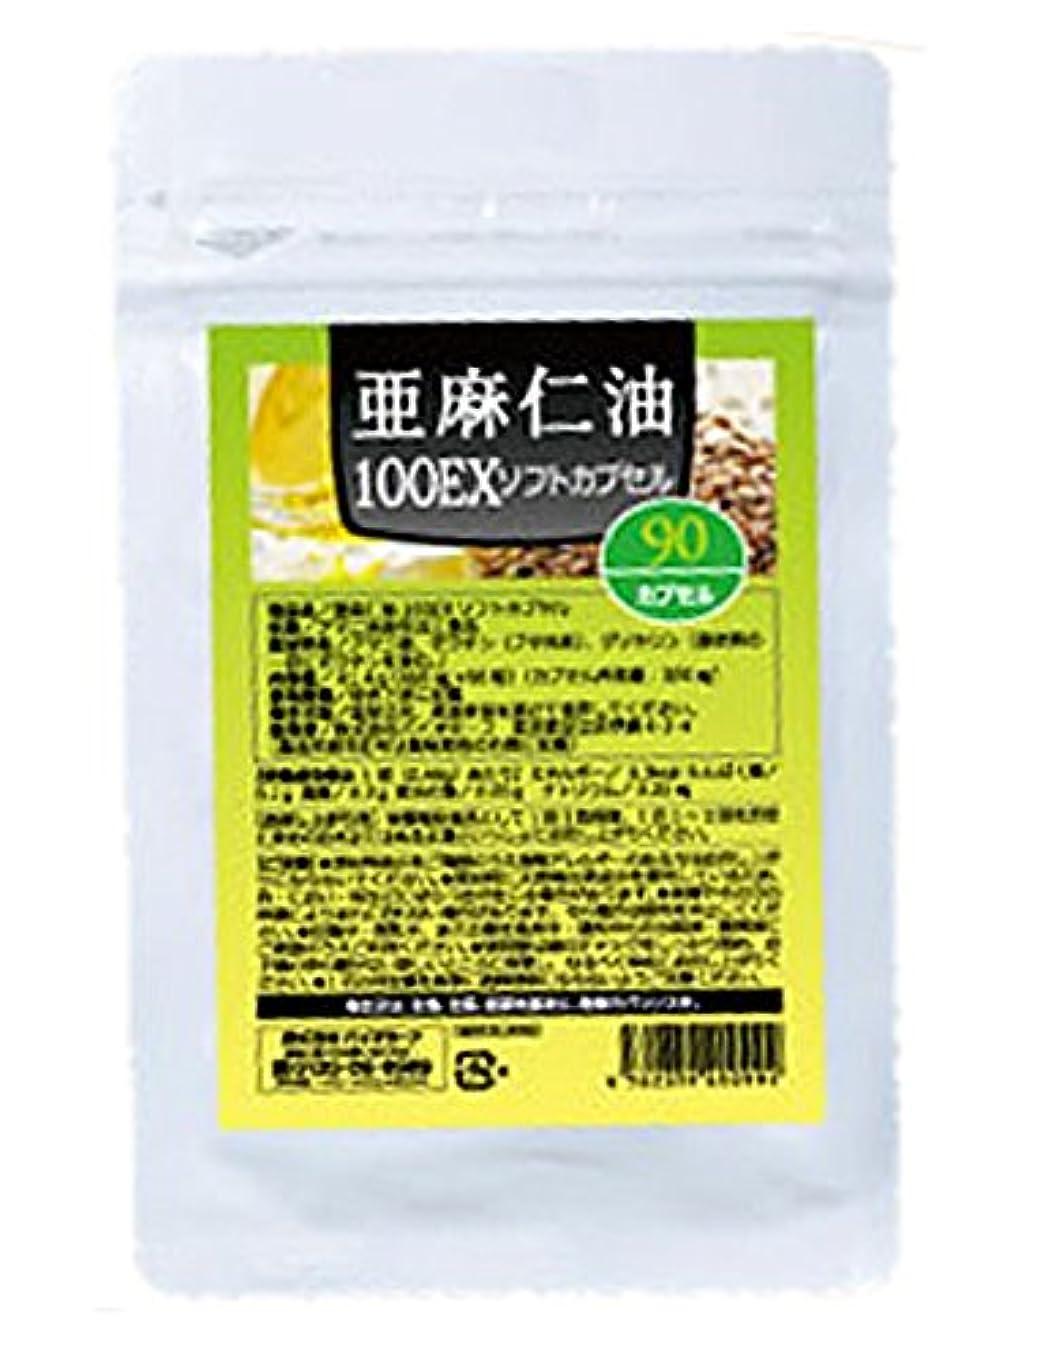 分散ストラップ食い違い亜麻仁油100EXソフトカプセル 90粒入